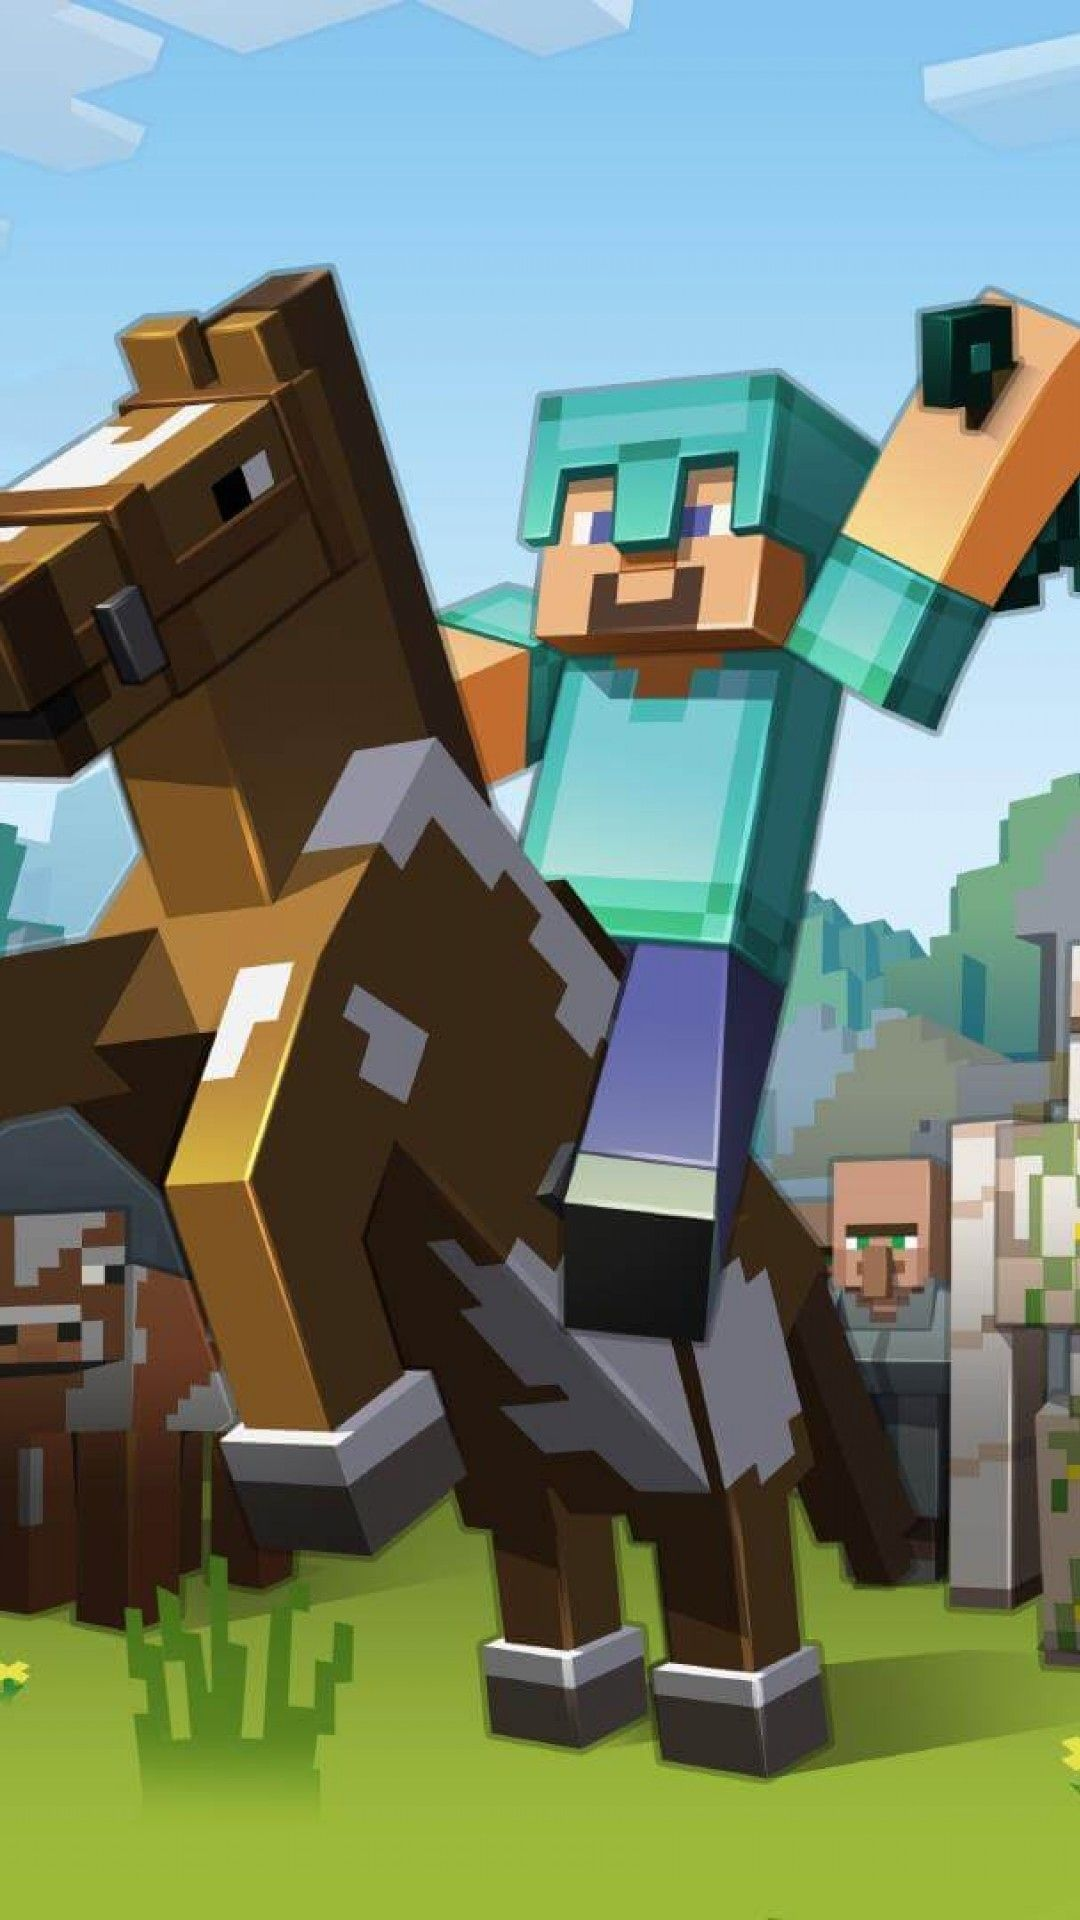 Minecraft (Görüntüler ile) Minecraft, Duvar kağıtları, Duvar